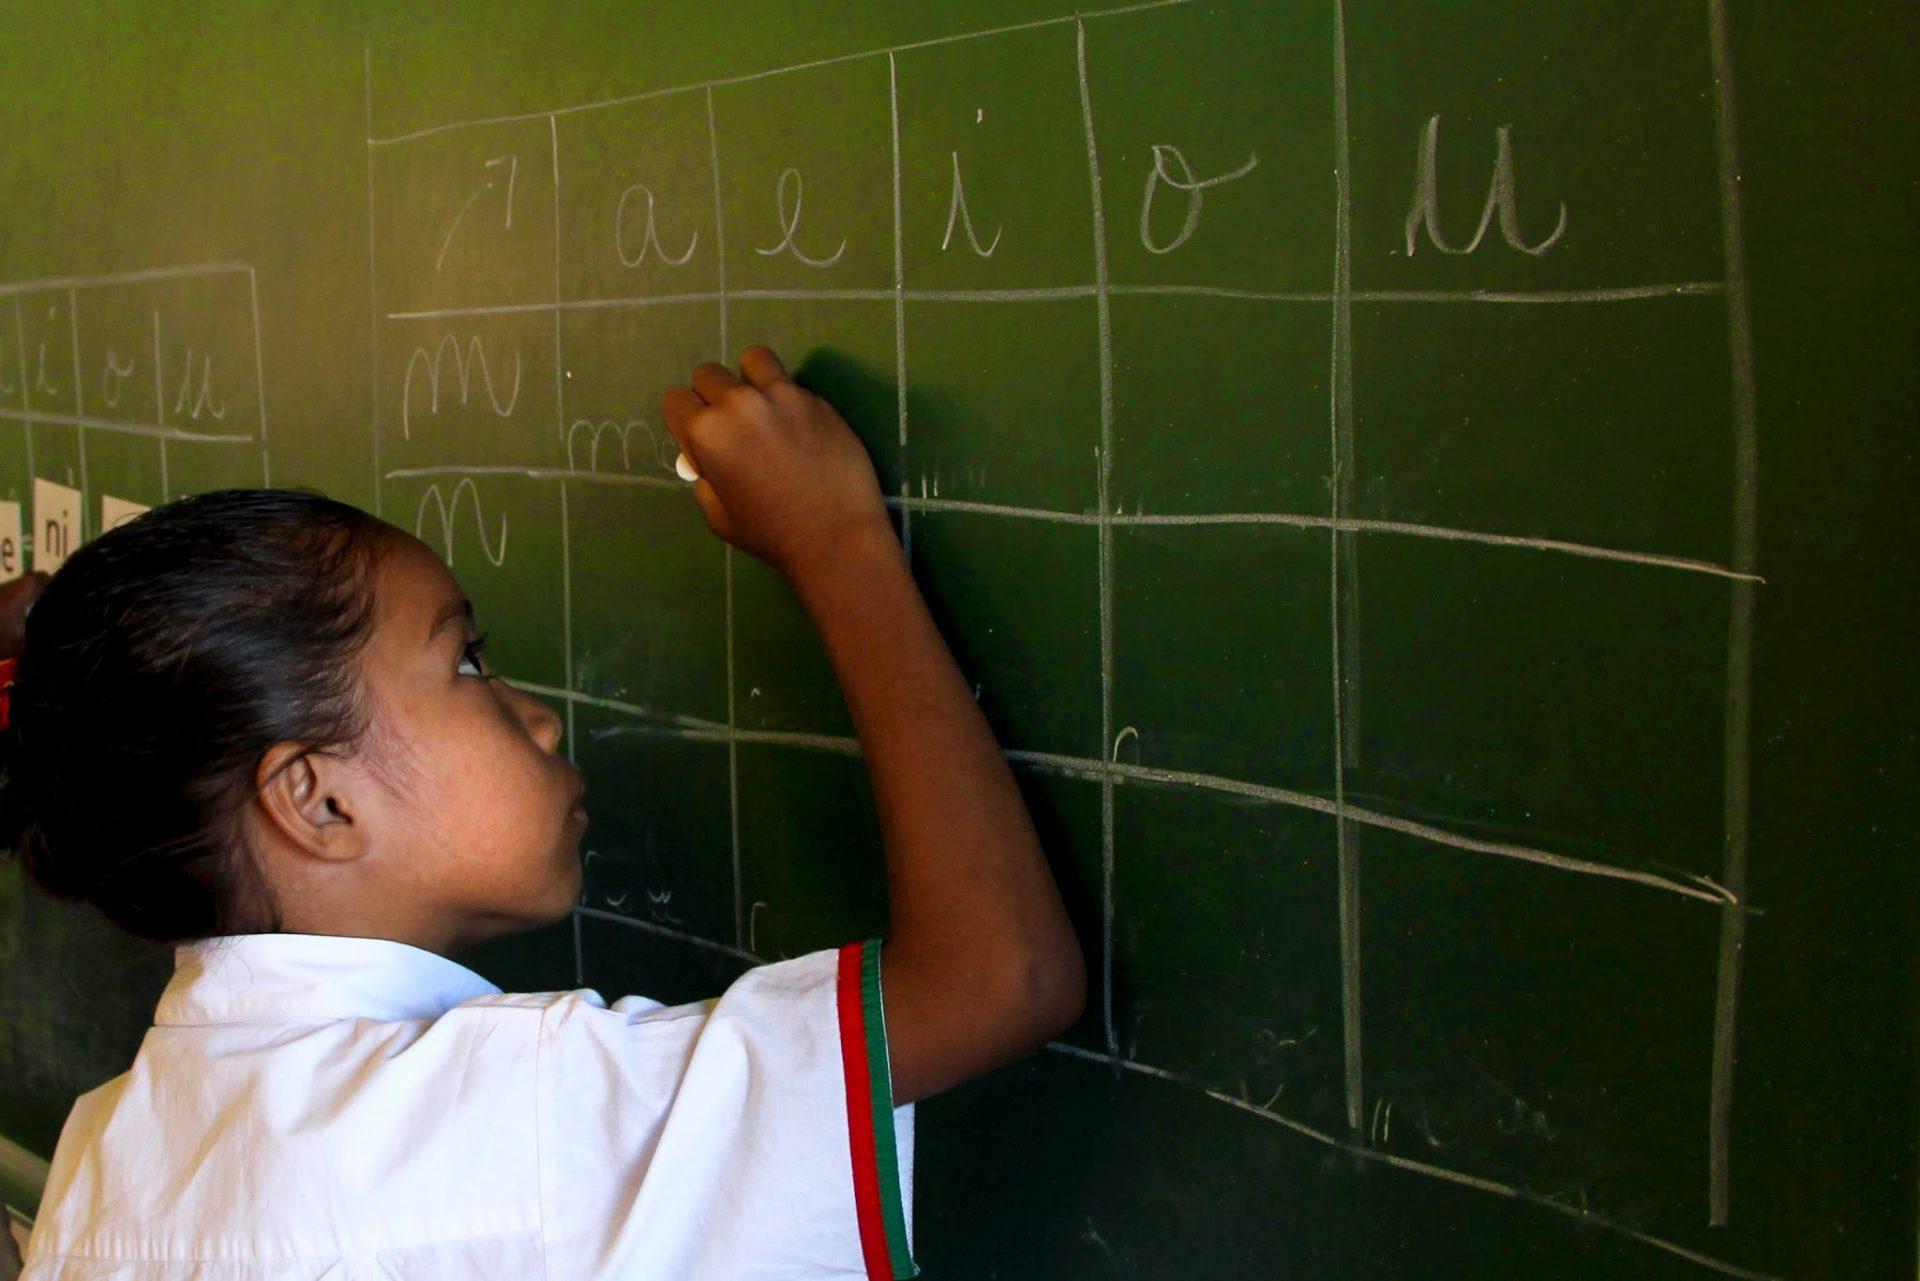 Escola Portuguesa Ruy Cinatti em Dili, Timor-Leste, 9 de novembro de 2013. ANTONIO AMARAL/LUSA